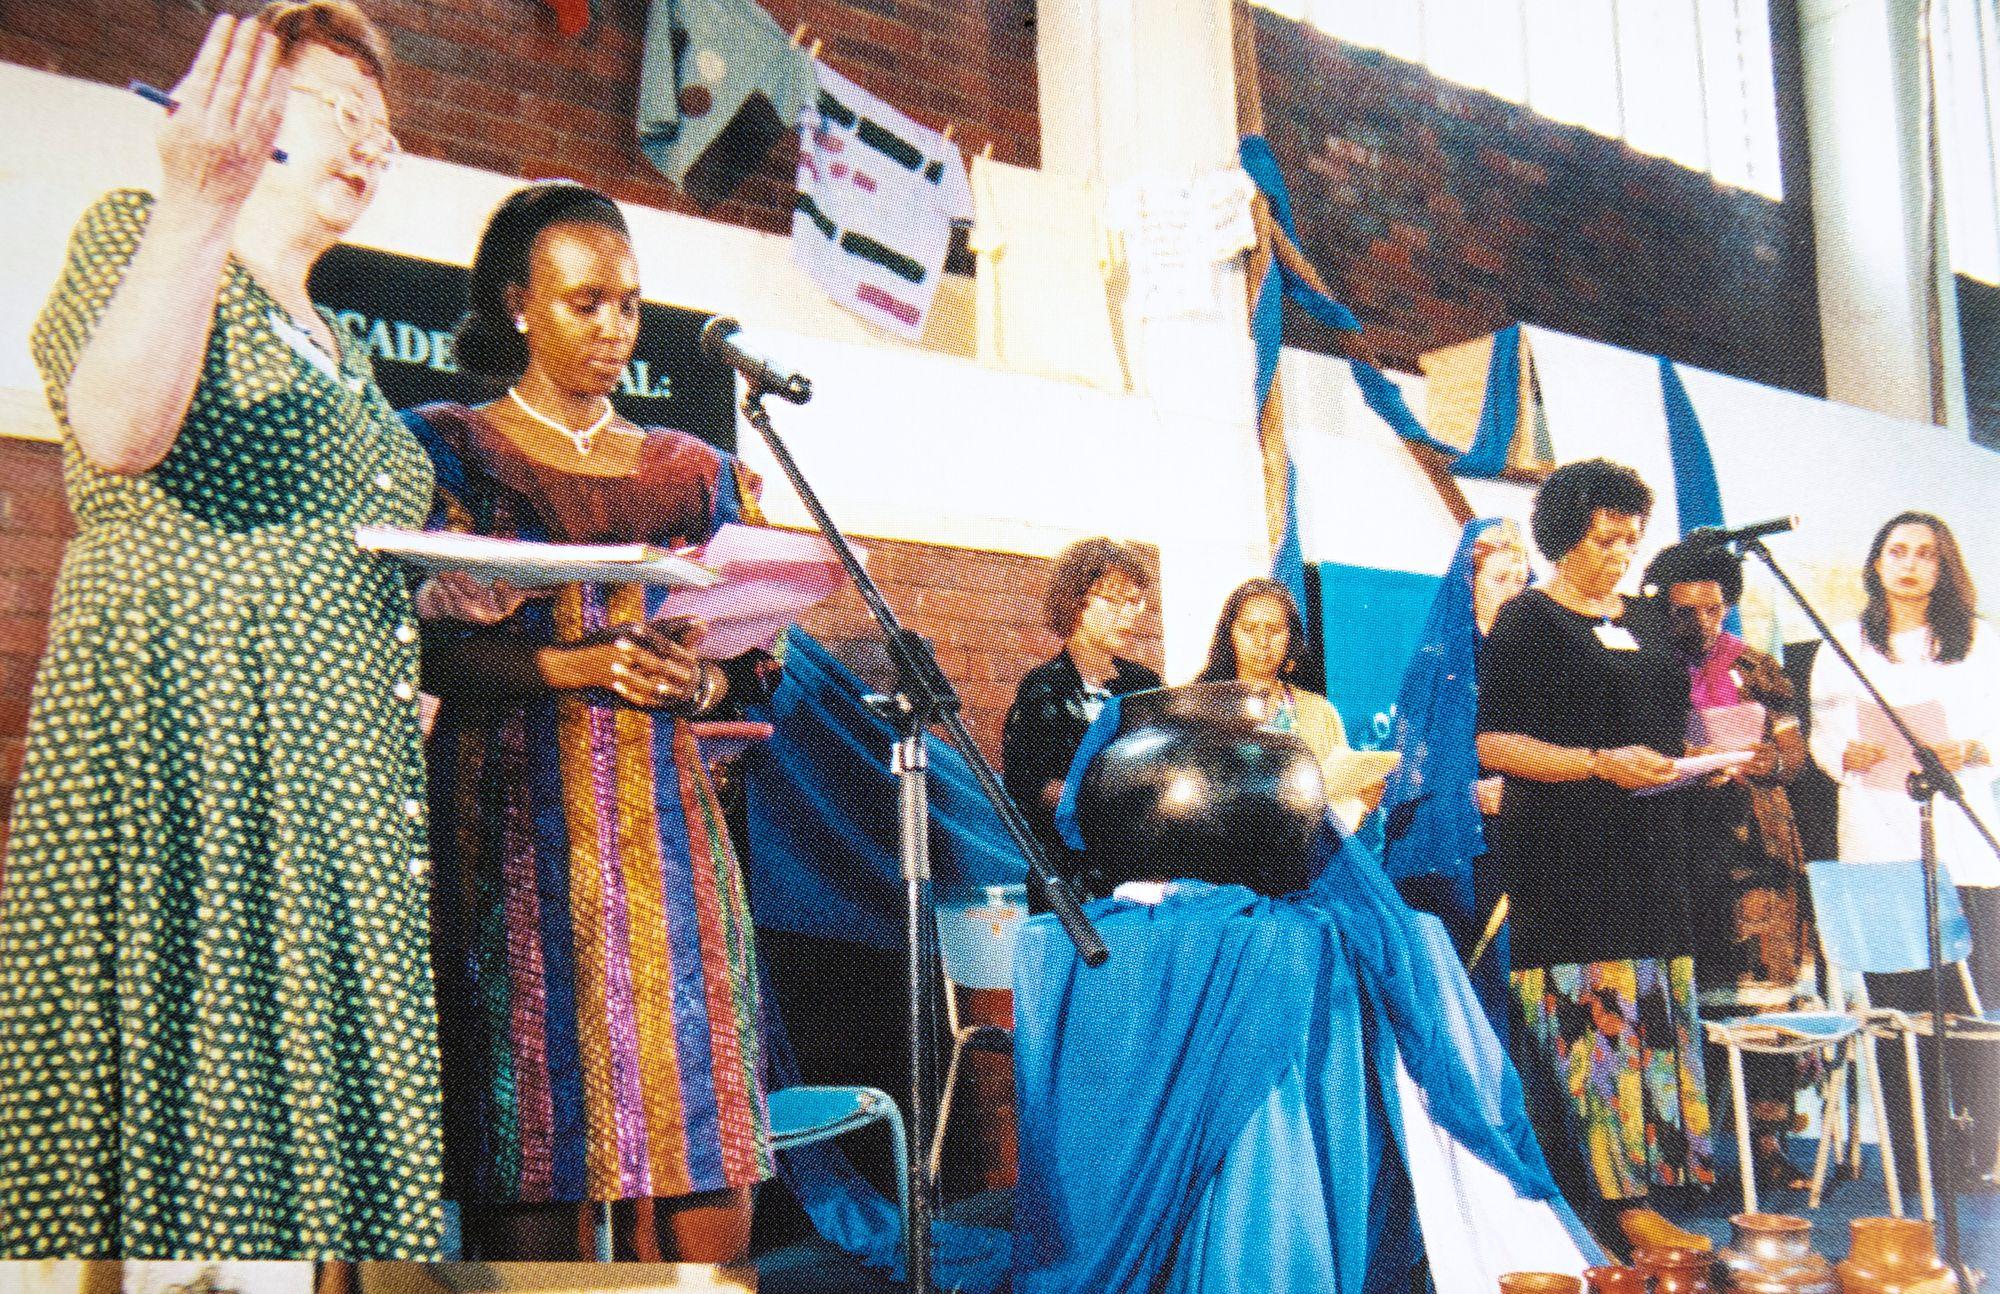 Zimbabwessa kansainvälisessä naisten konferenssissa vuonna 1998. © Irja Askolan korialbumi